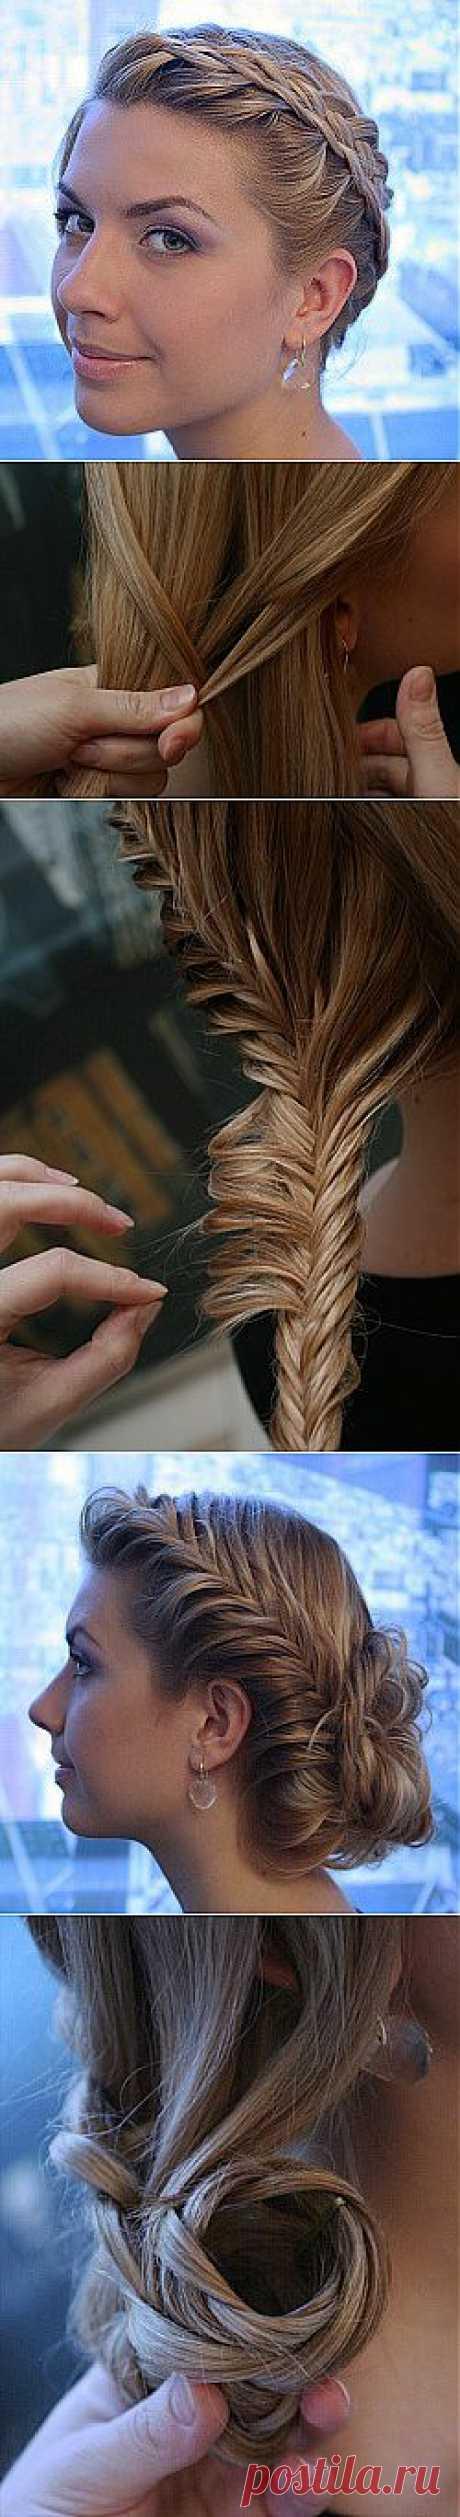 Учимся плести косы и укладывать их в сногсшибательные .